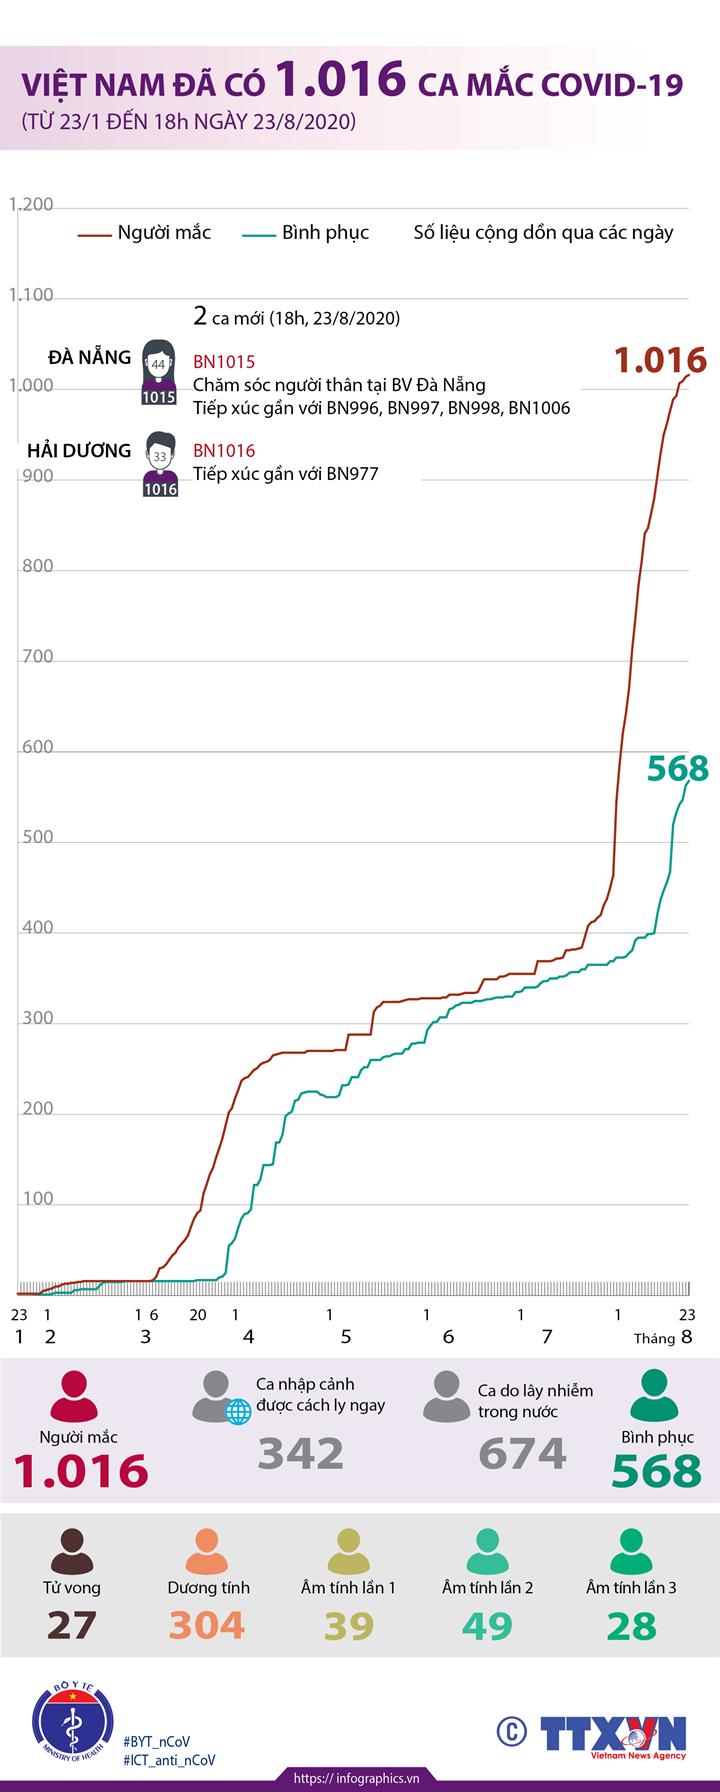 Việt Nam đã có 1.016 ca mắc COVID-19 (từ 23/1 đến 18h ngày 23/8/2020)